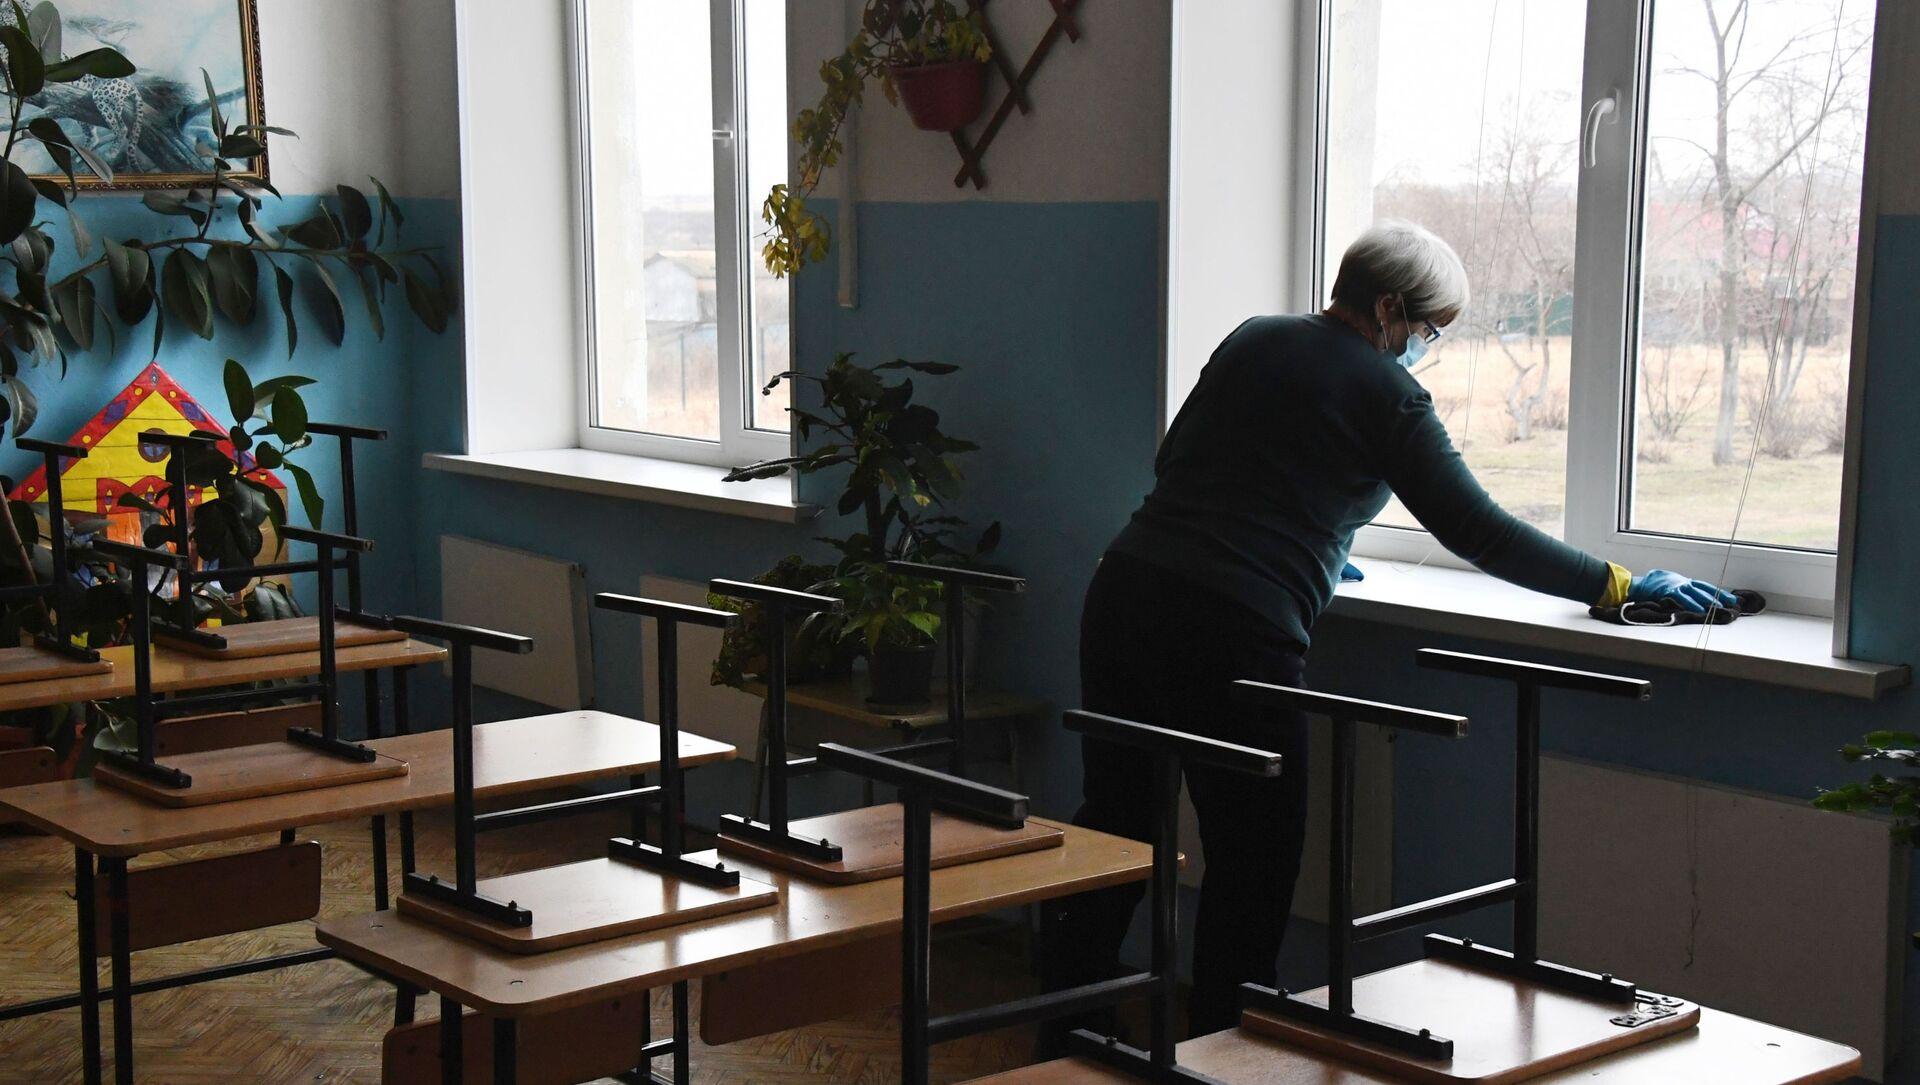 В Приморье возобновили обучение детей в малокомплектных школах - Sputnik Аҧсны, 1920, 06.05.2021